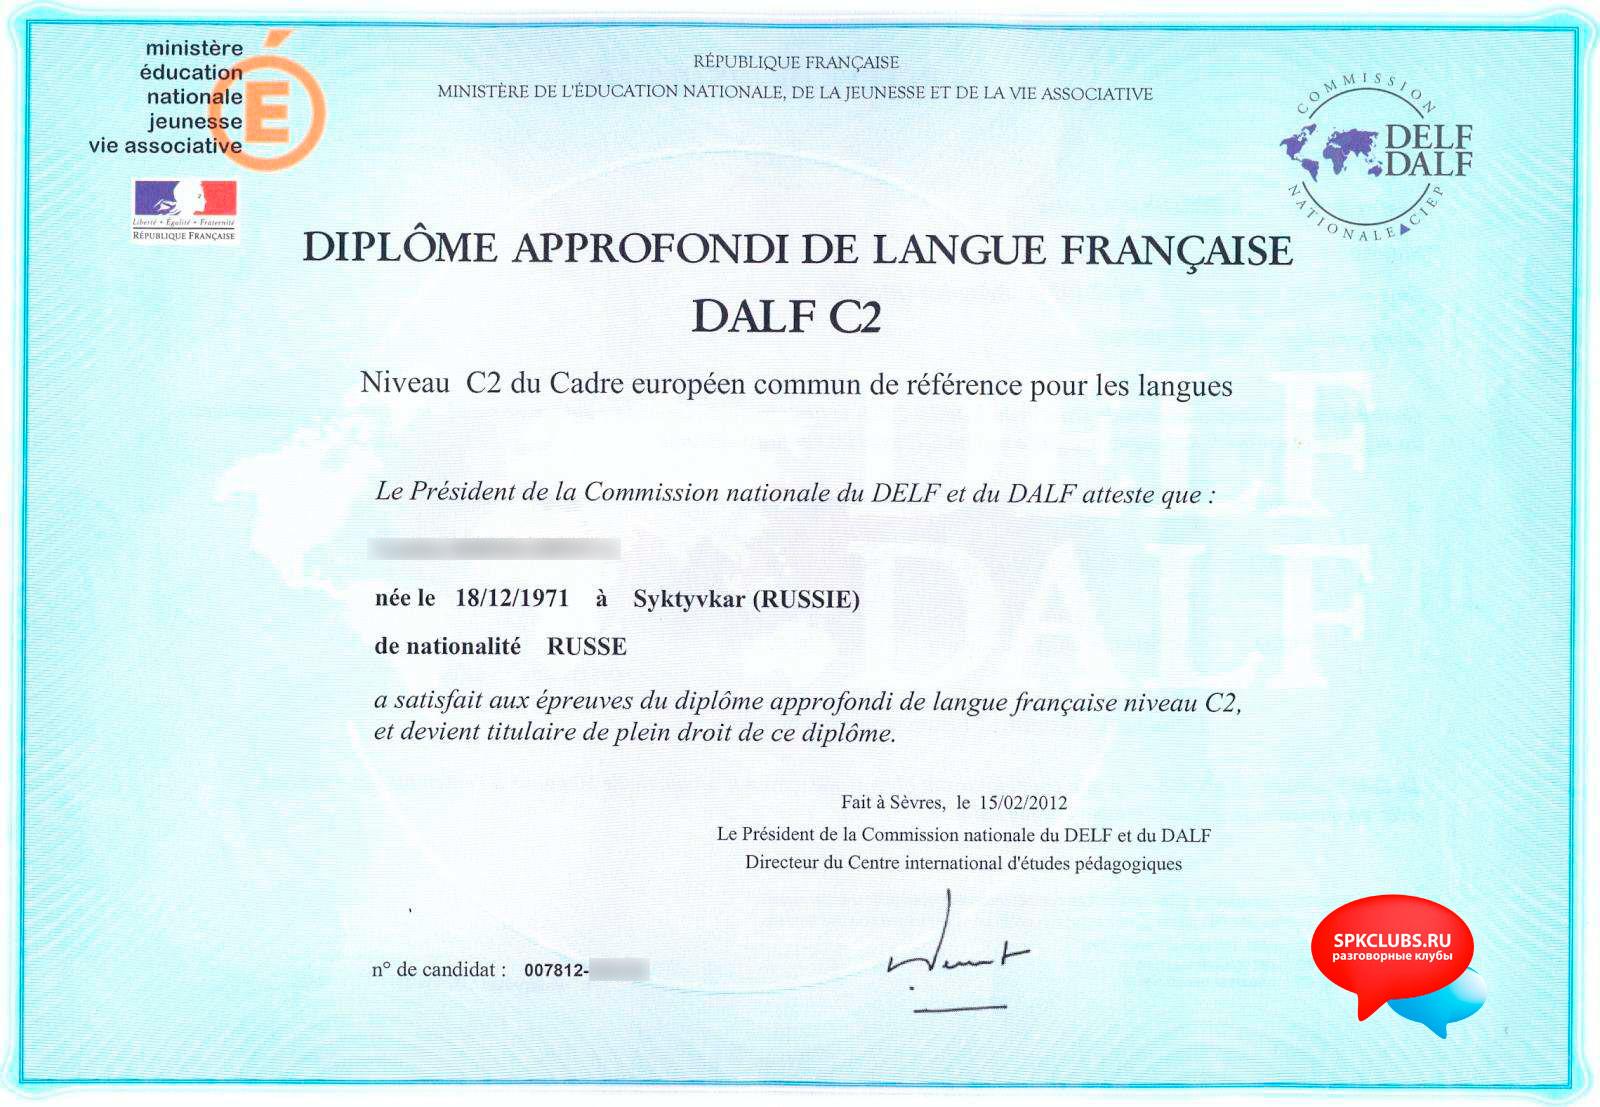 Как выглядит сертификат DALF, пример